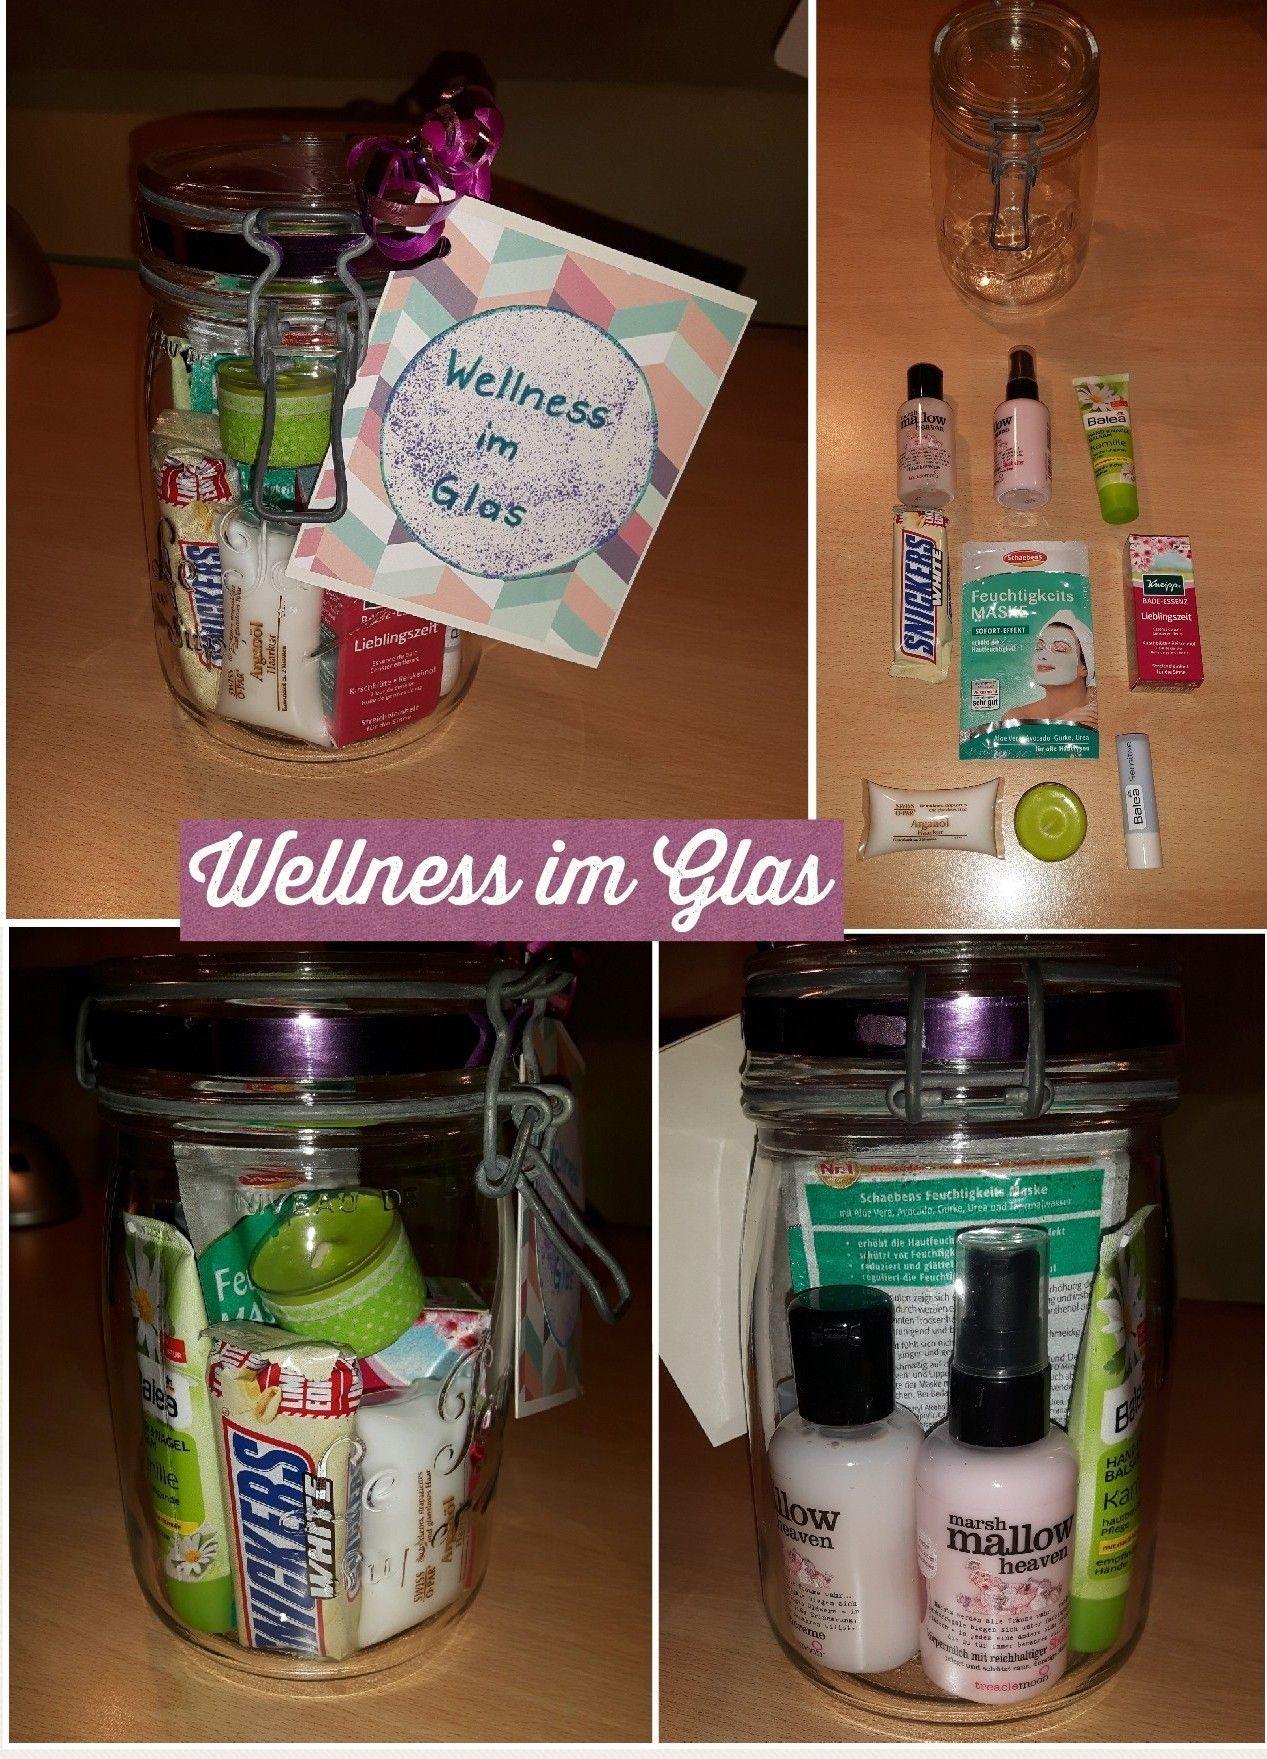 Wellness im Glas: ein tolles Geschenk für viele Anlässe :) #kleineweihnachtsgeschenkekollegen Wellness im Glas: ein tolles Geschenk für viele Anlässe :) #wellnessimglas